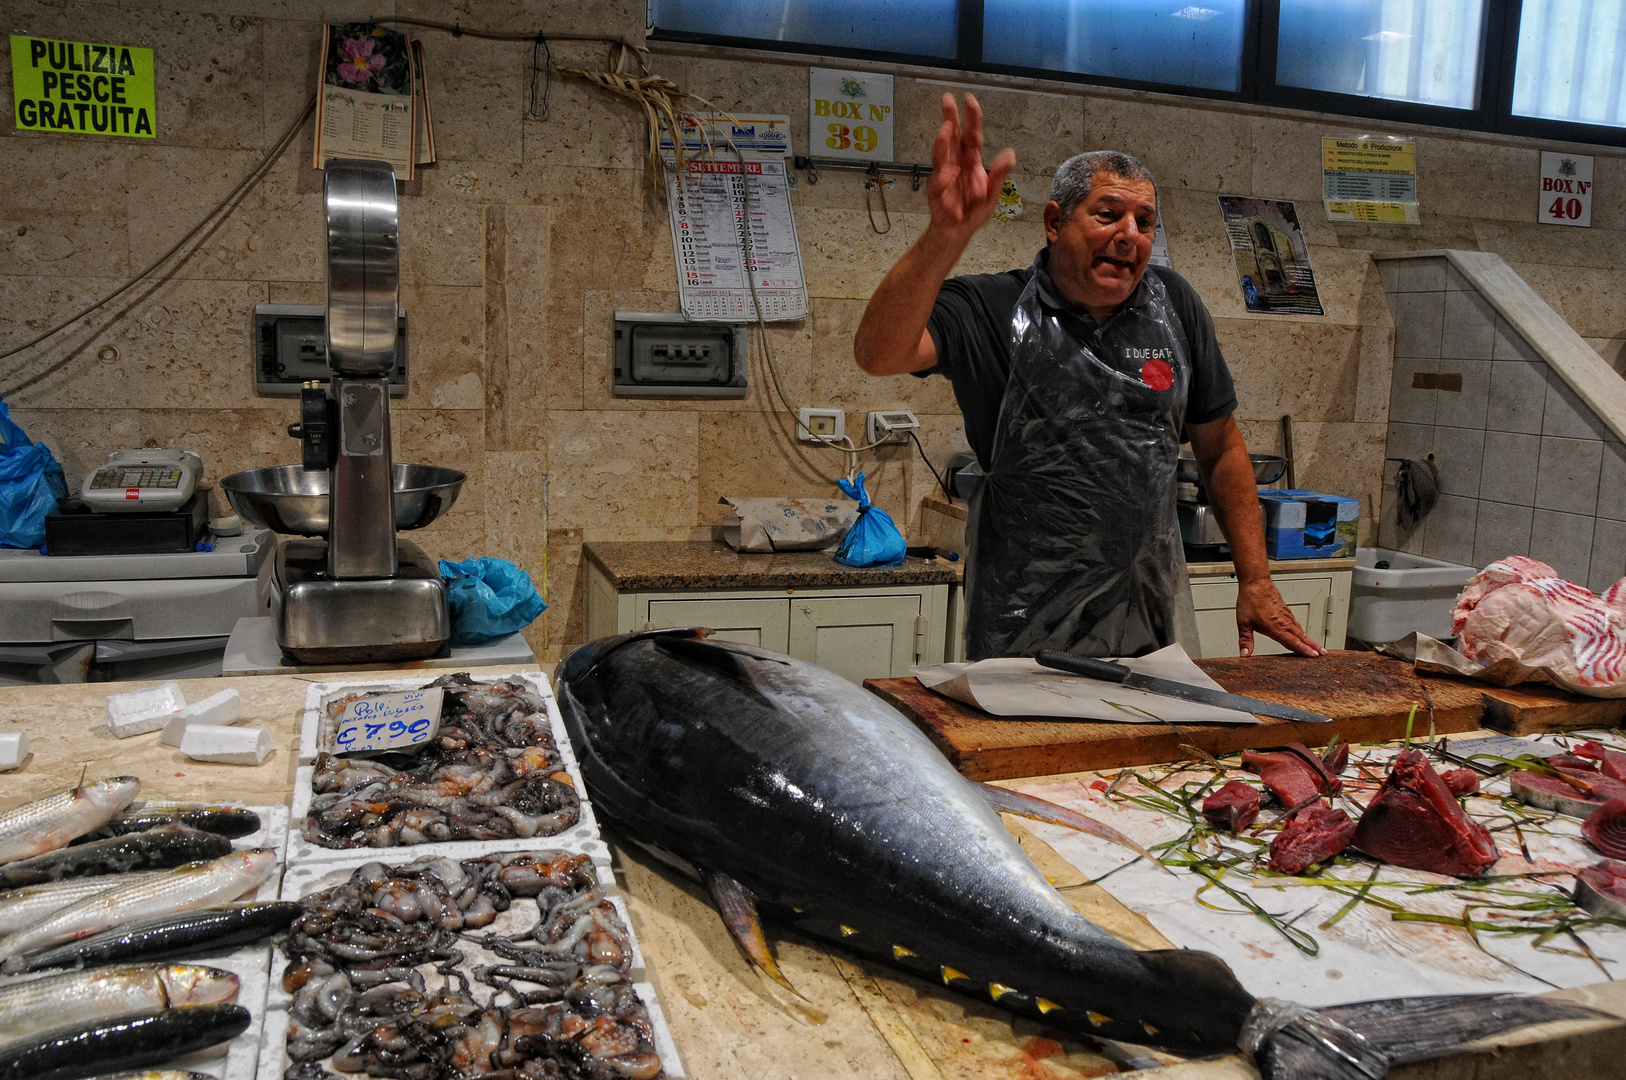 Cagliari - Fischmarkt